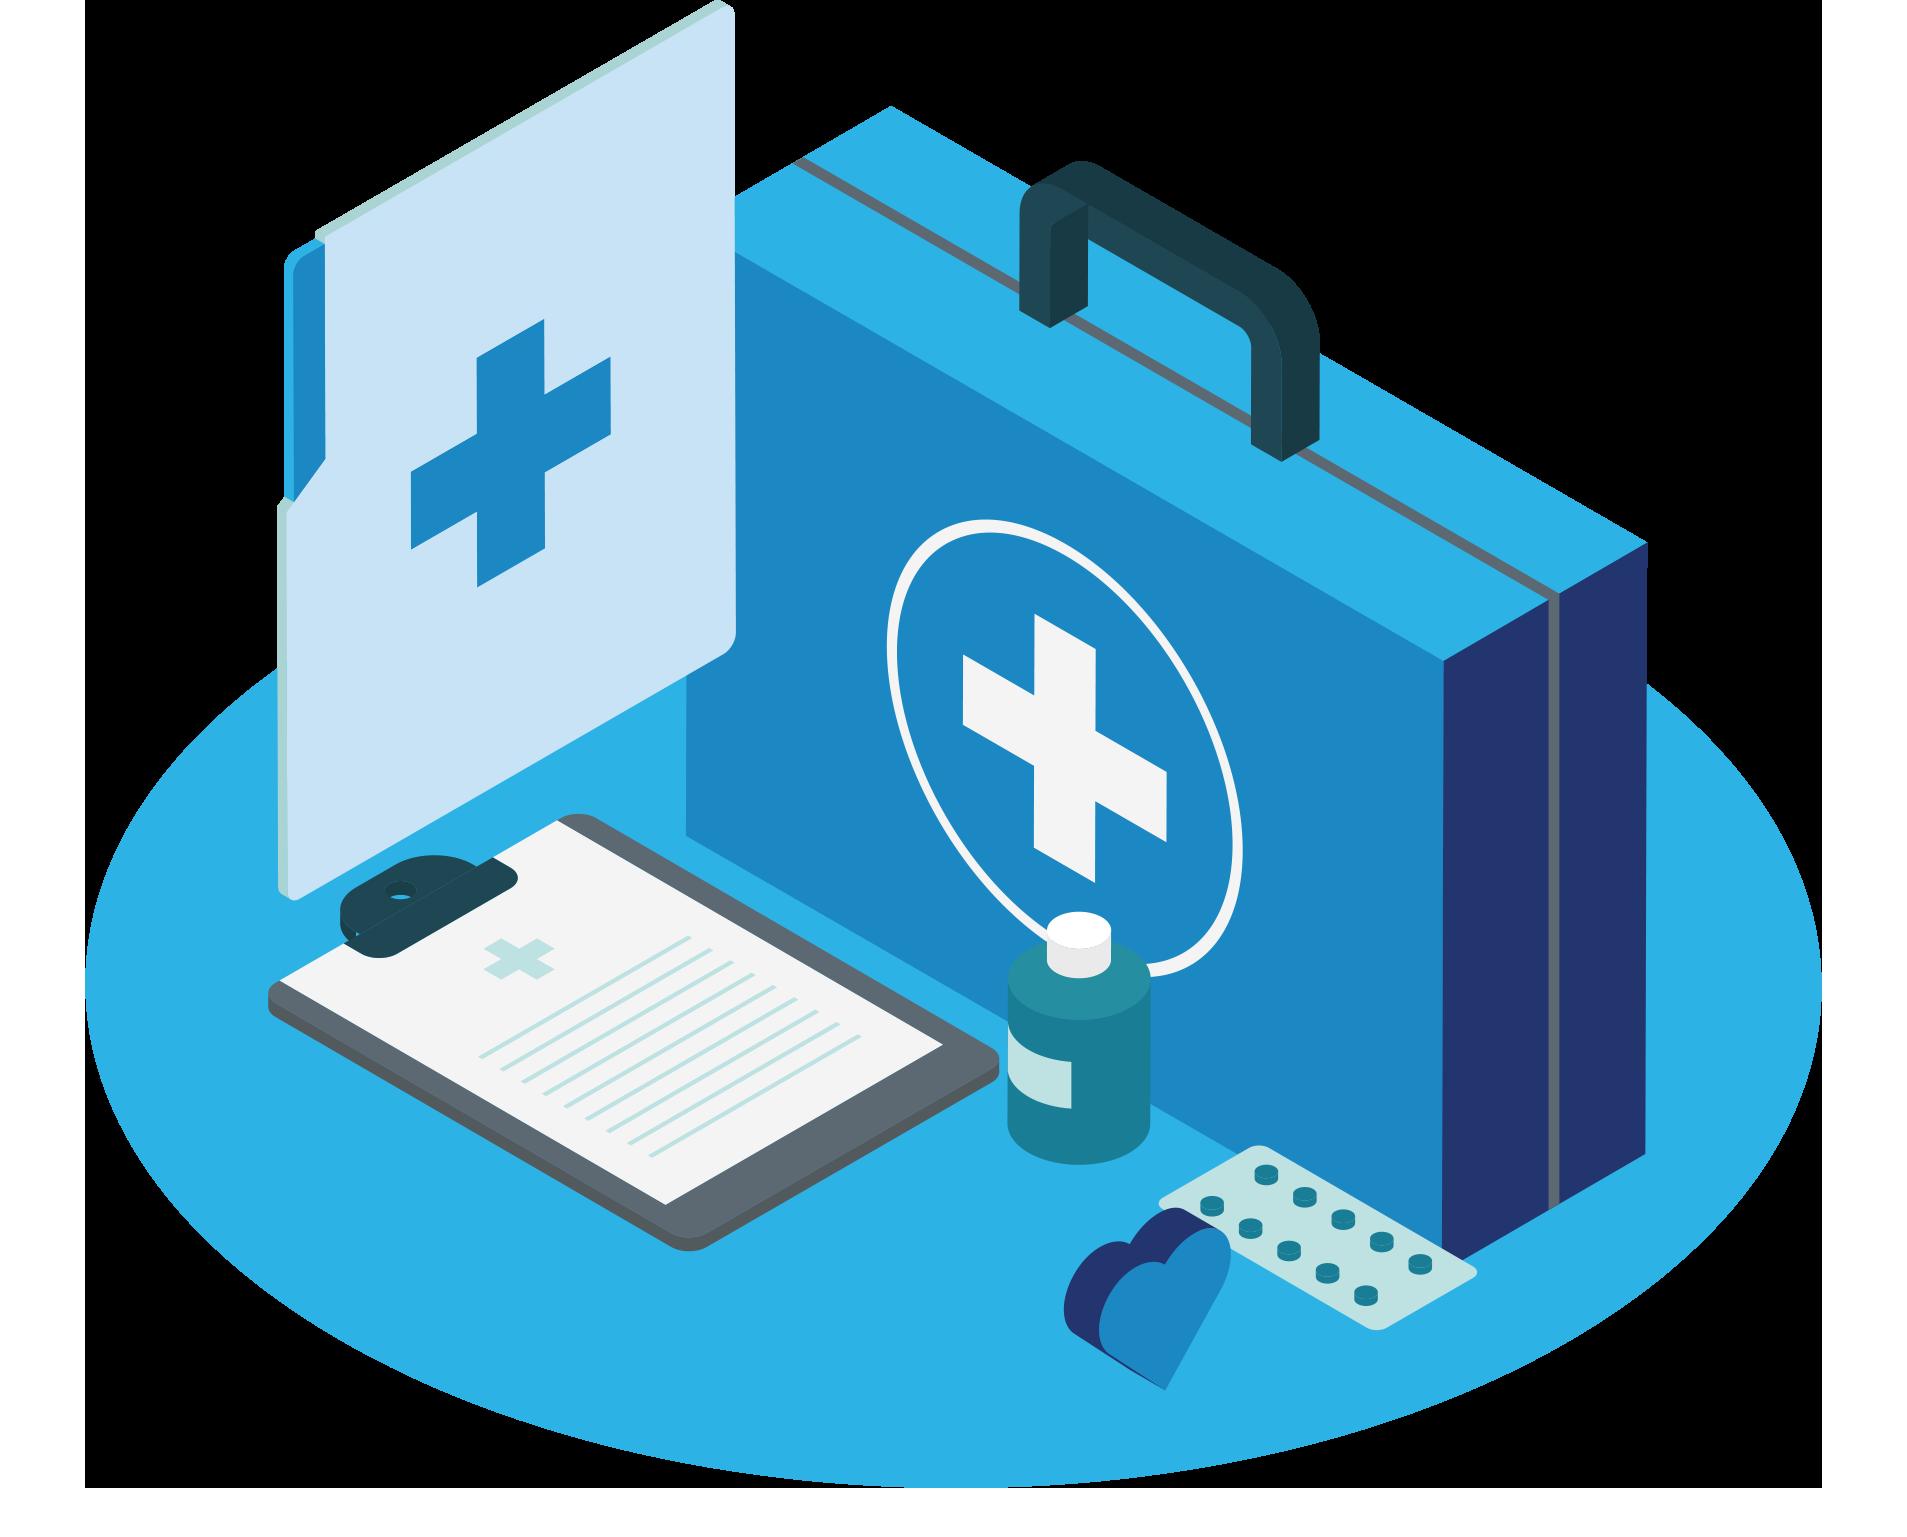 Blauwe EHBO koffer met een document en medicijnen